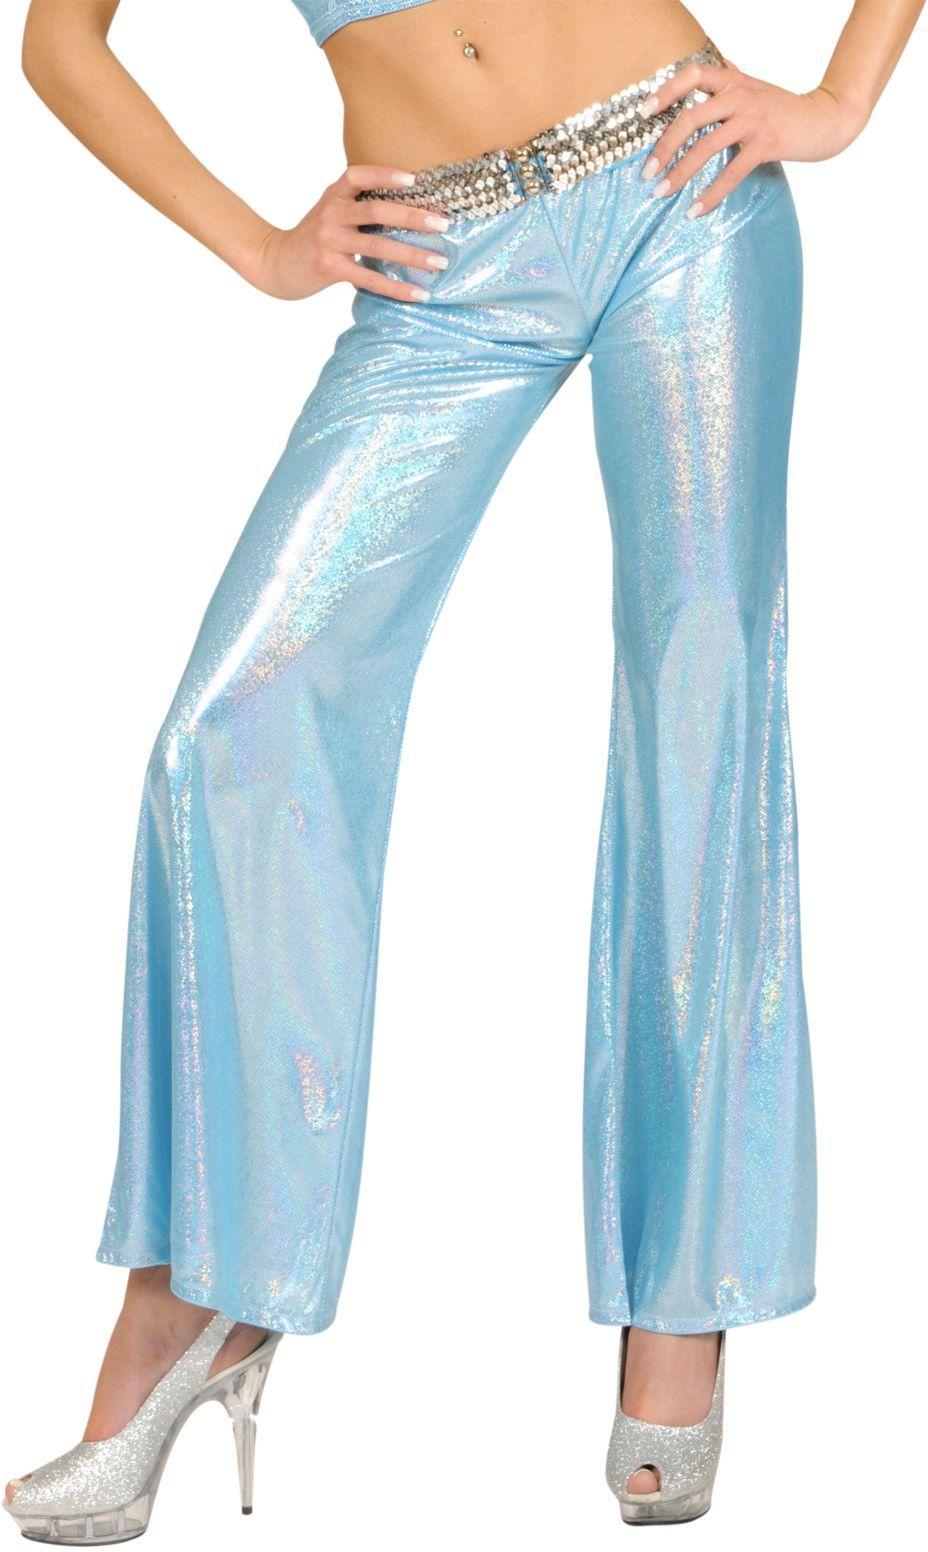 Blauwe holografische disco broek